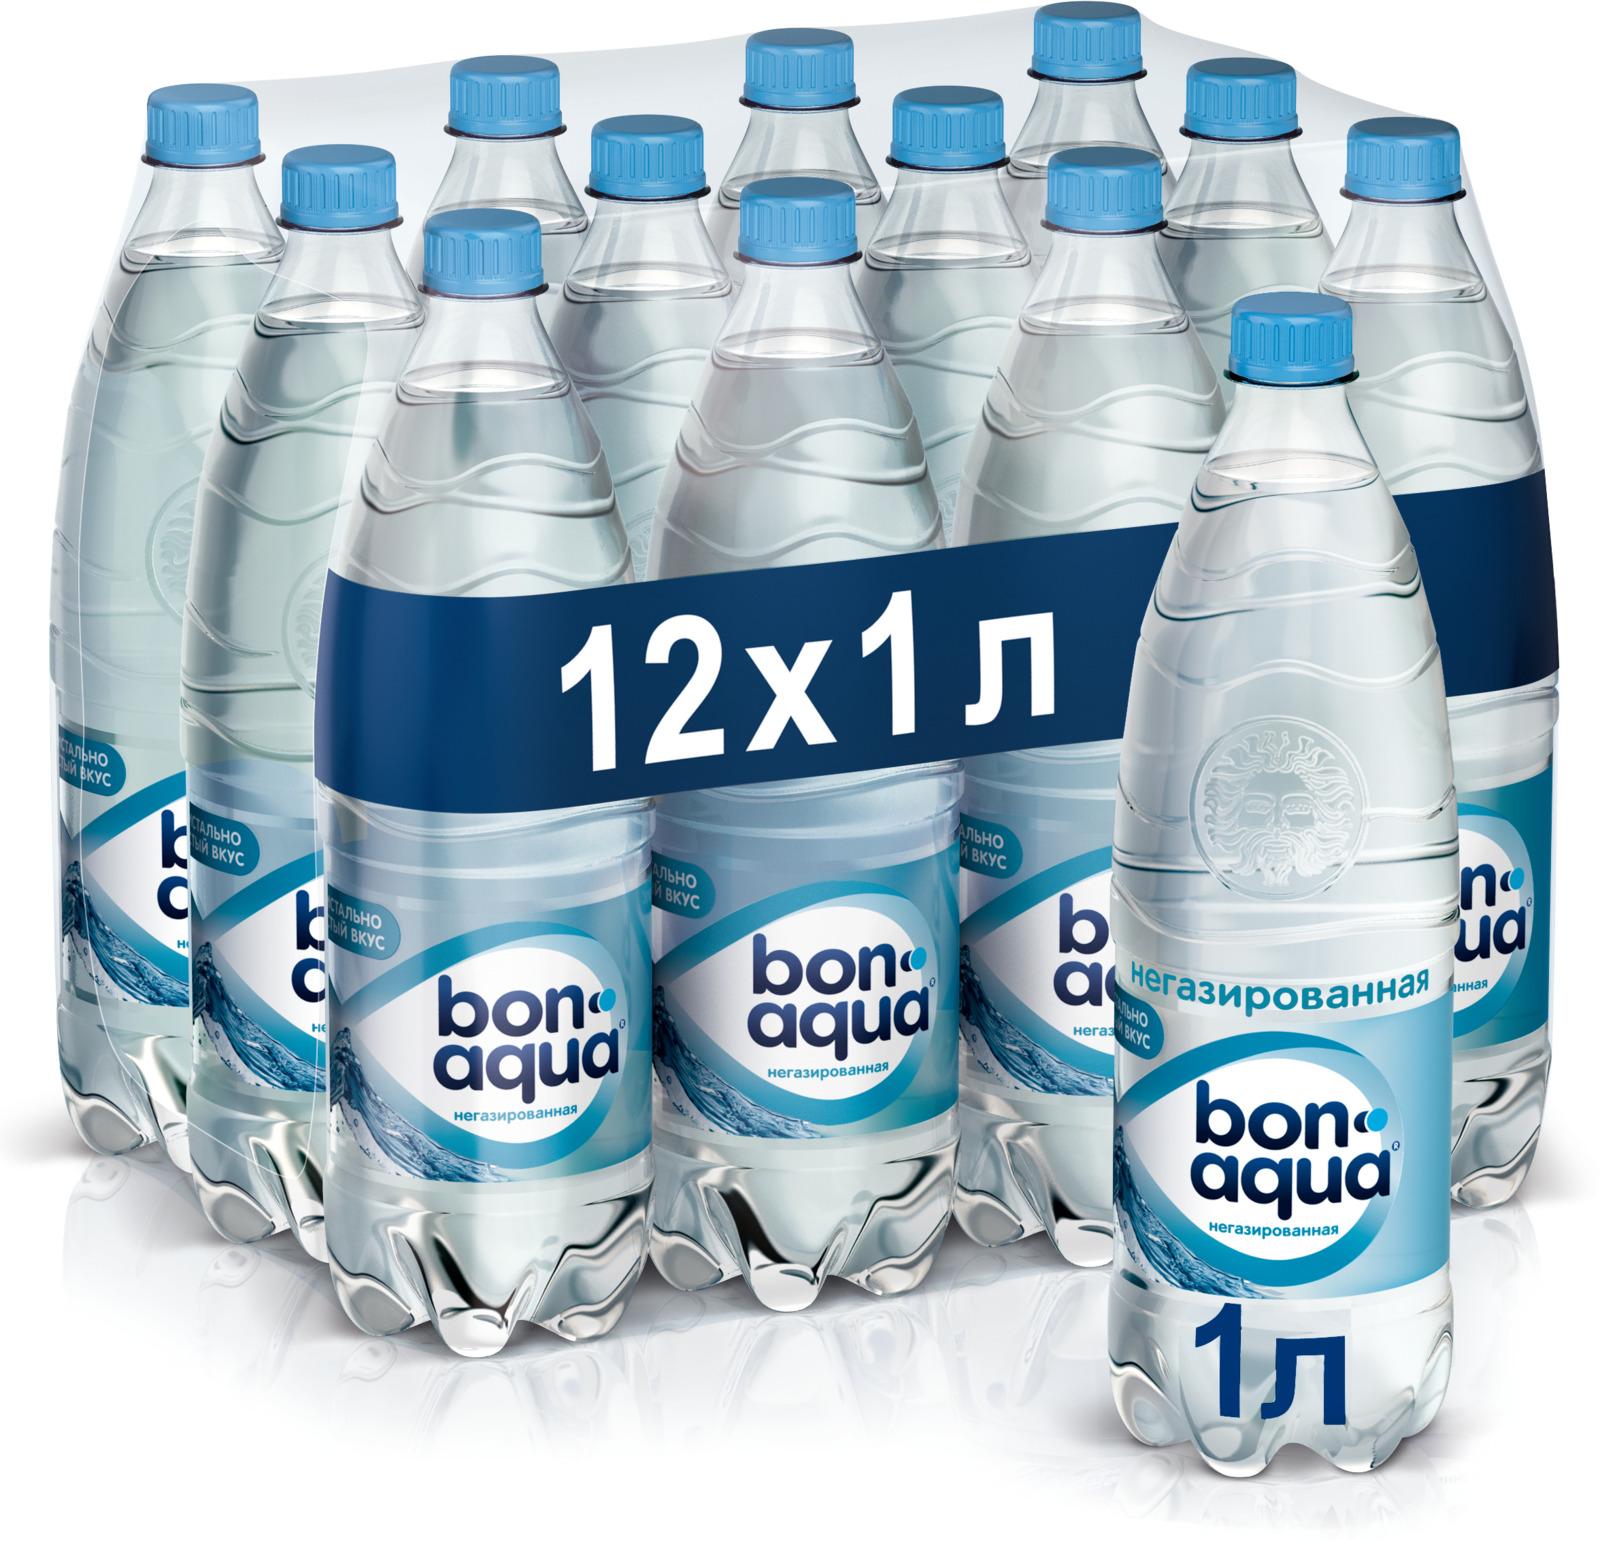 BonAqua вода чистая питьевая негазированная 12 штук по 1 л